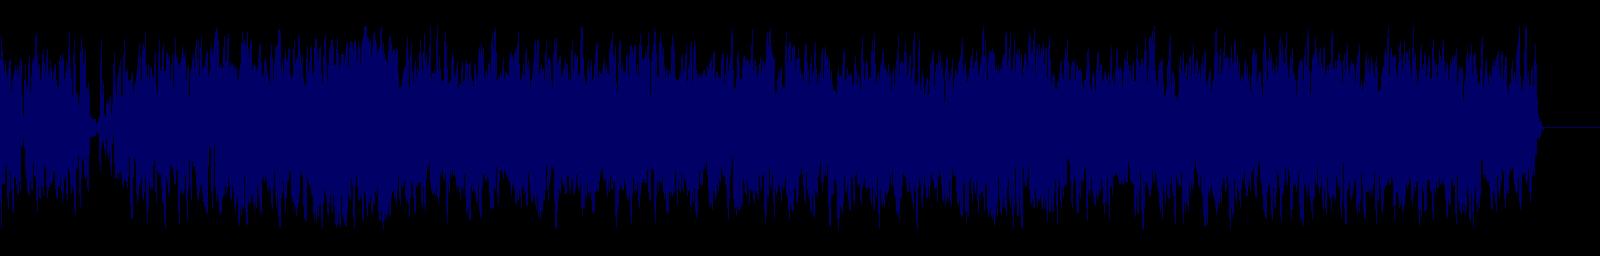 waveform of track #122564